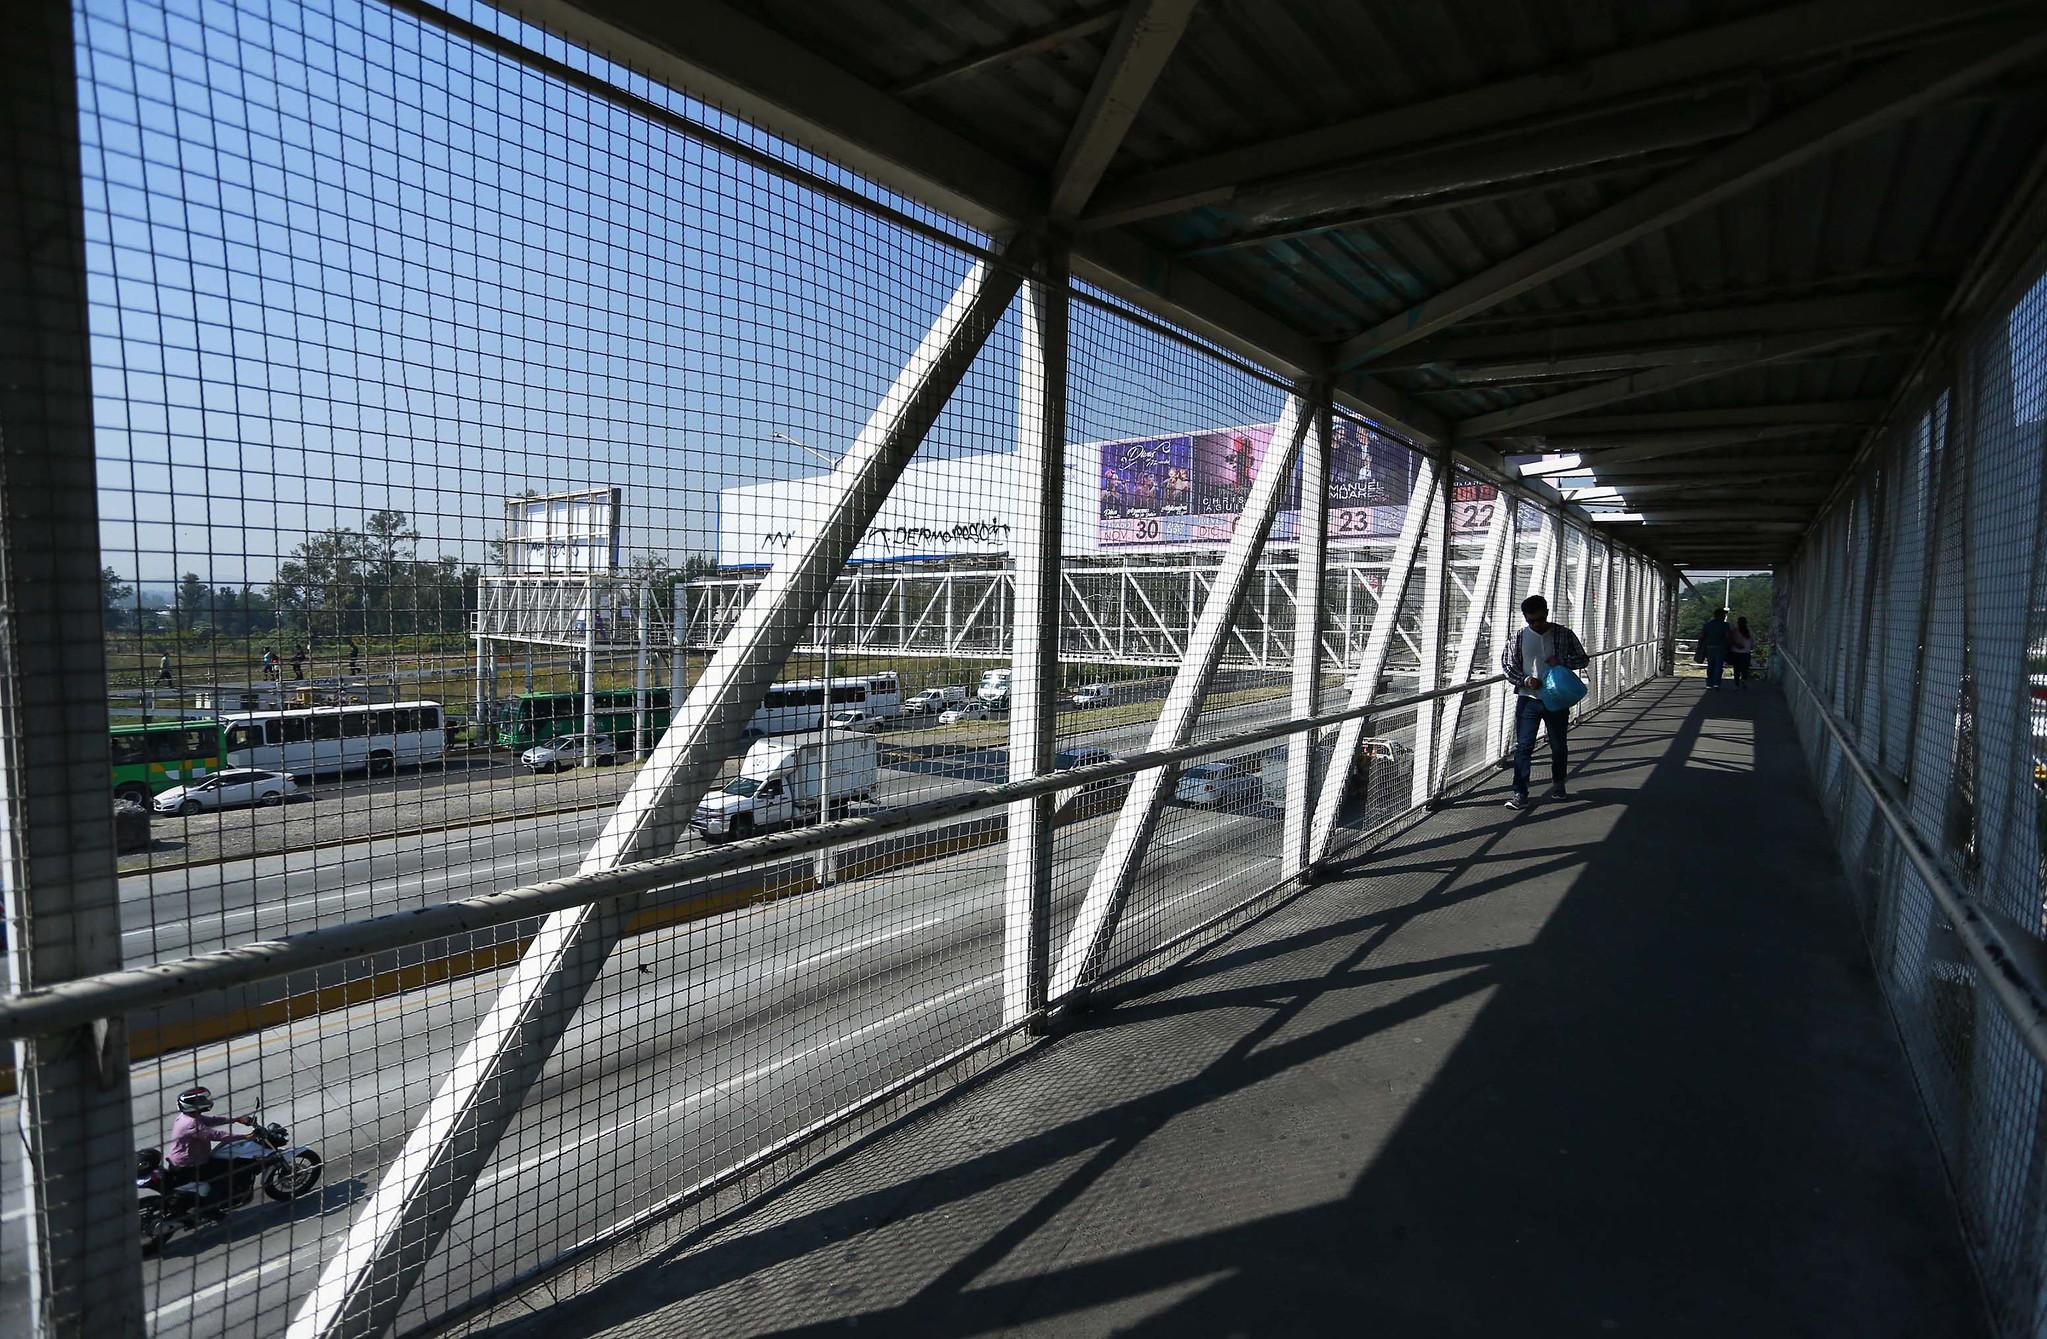 Continúa la sustitución de puentes obsoletos por los nuevos y completamente accesibles que tendrá Mi Macro Periférico